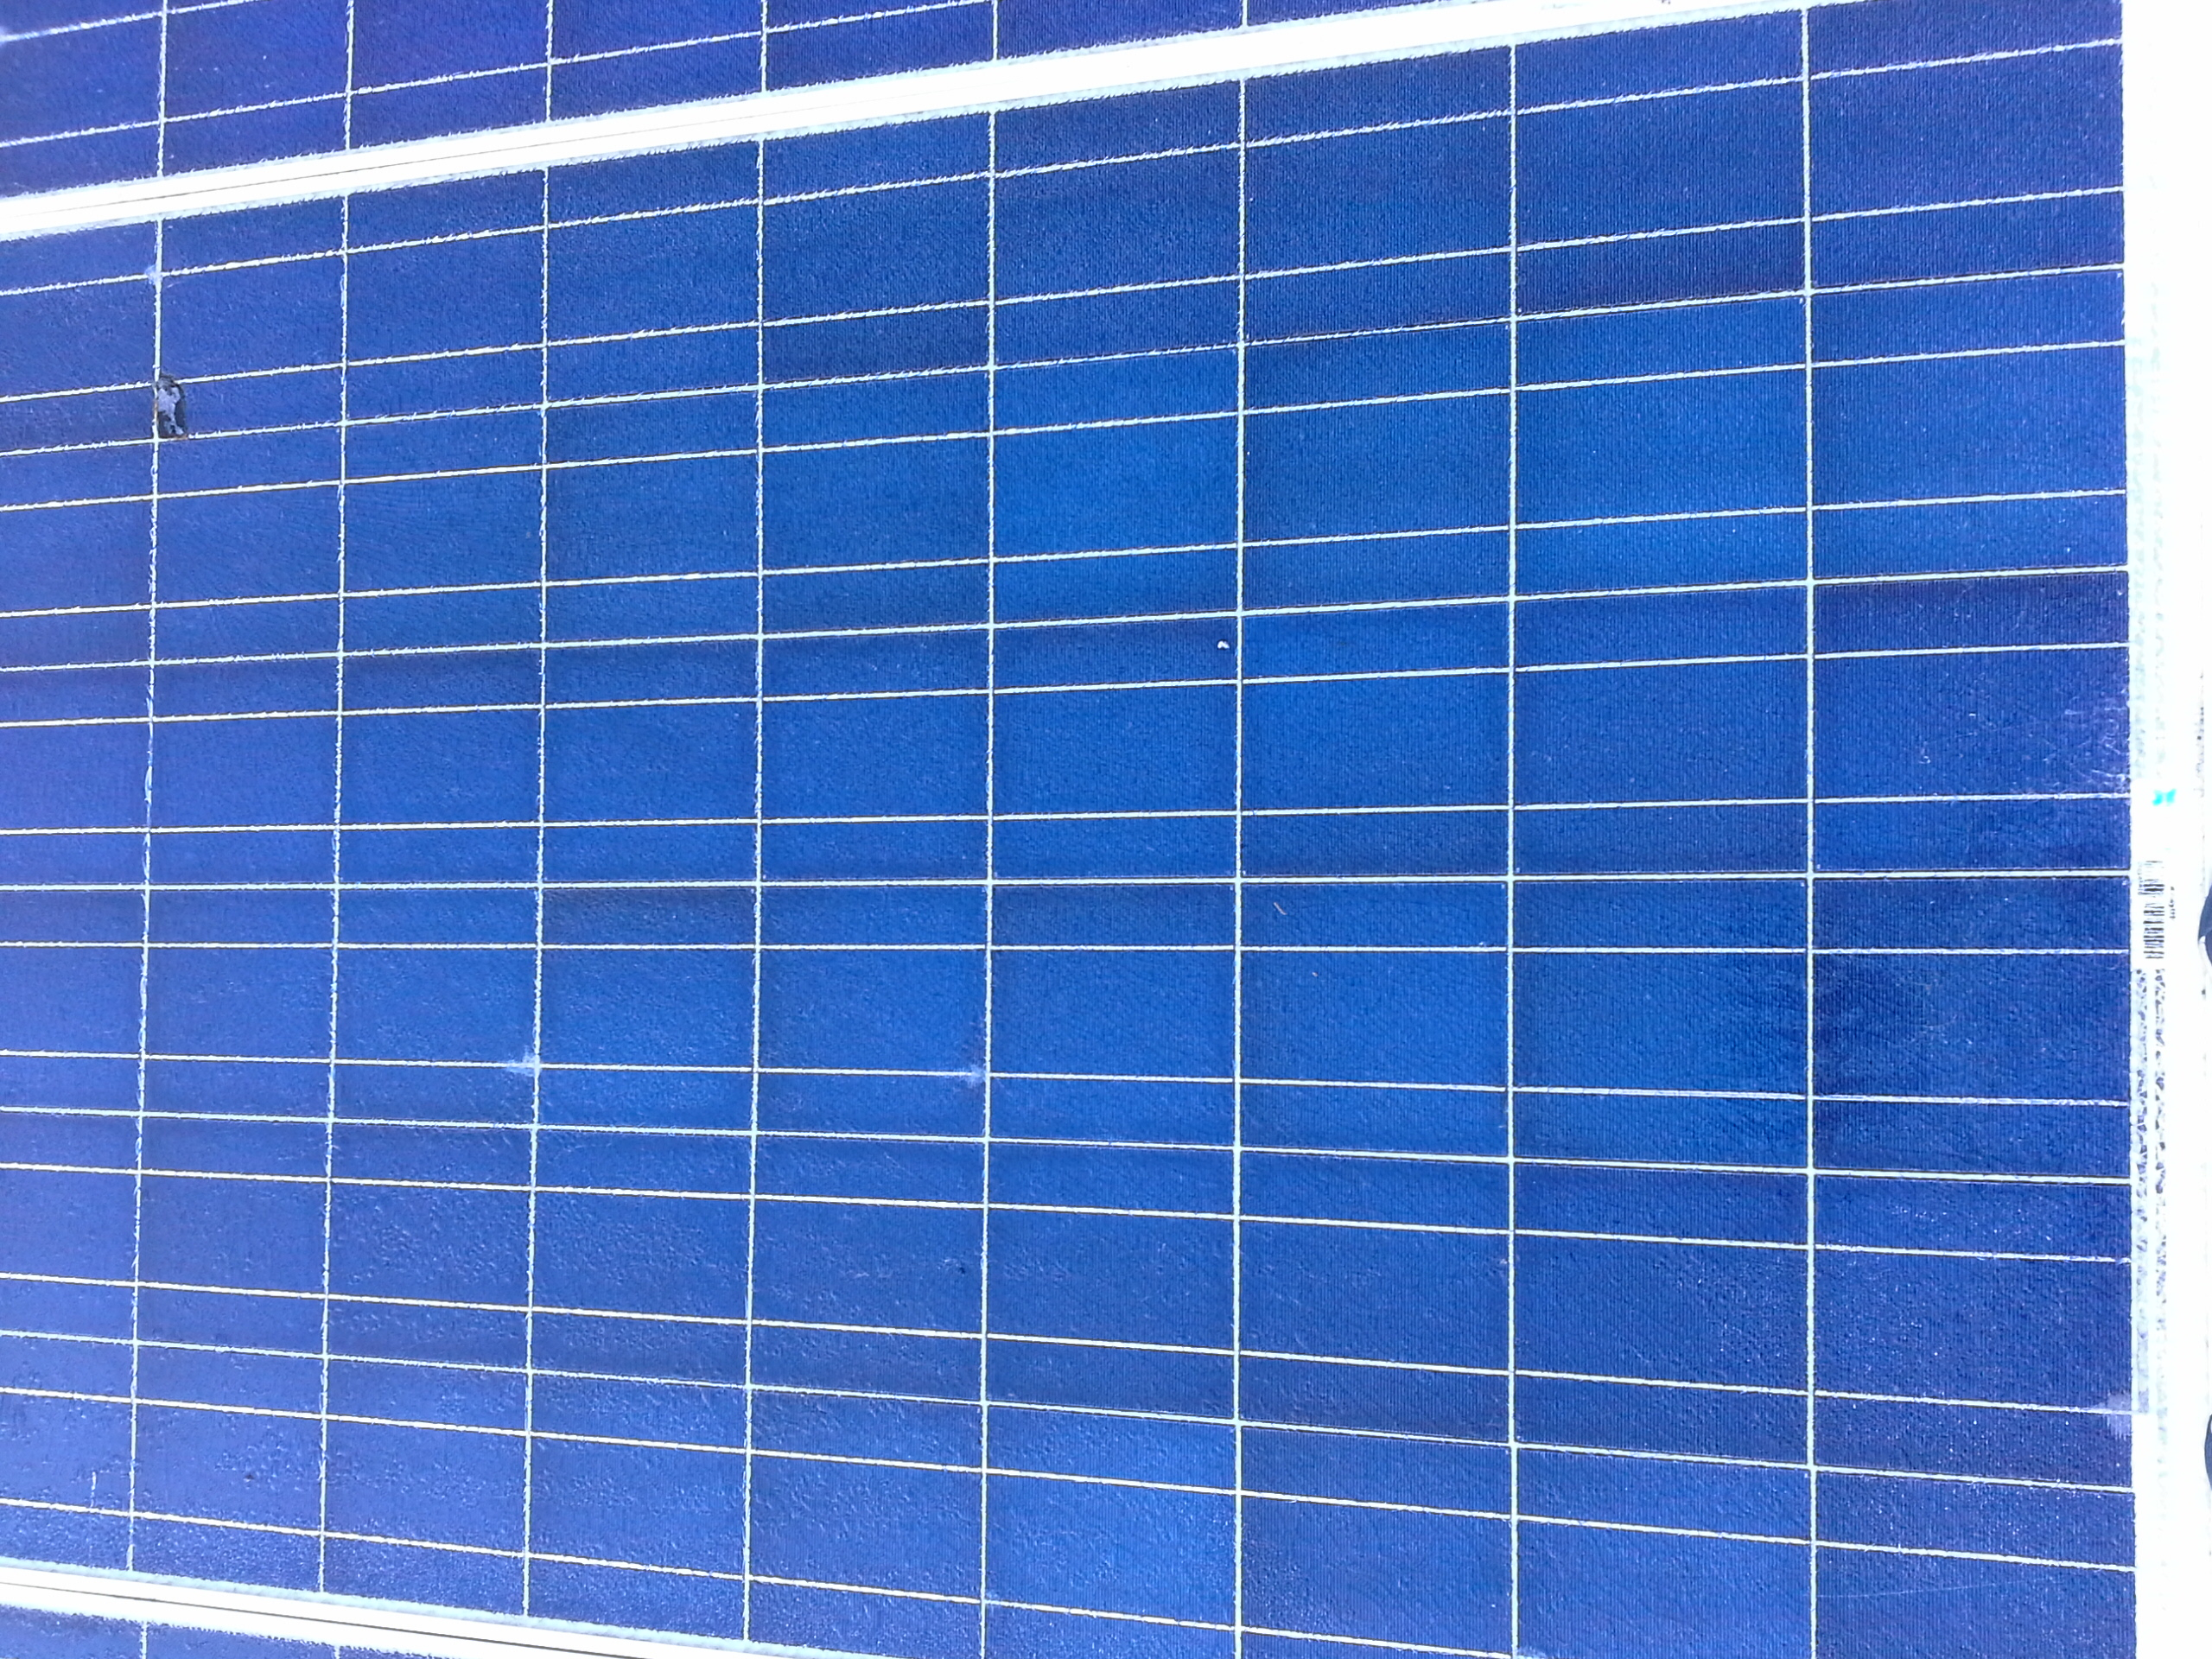 Pannello Solare Con Vetro Rotto : Pannelli policristallini con vetro rotto pagina